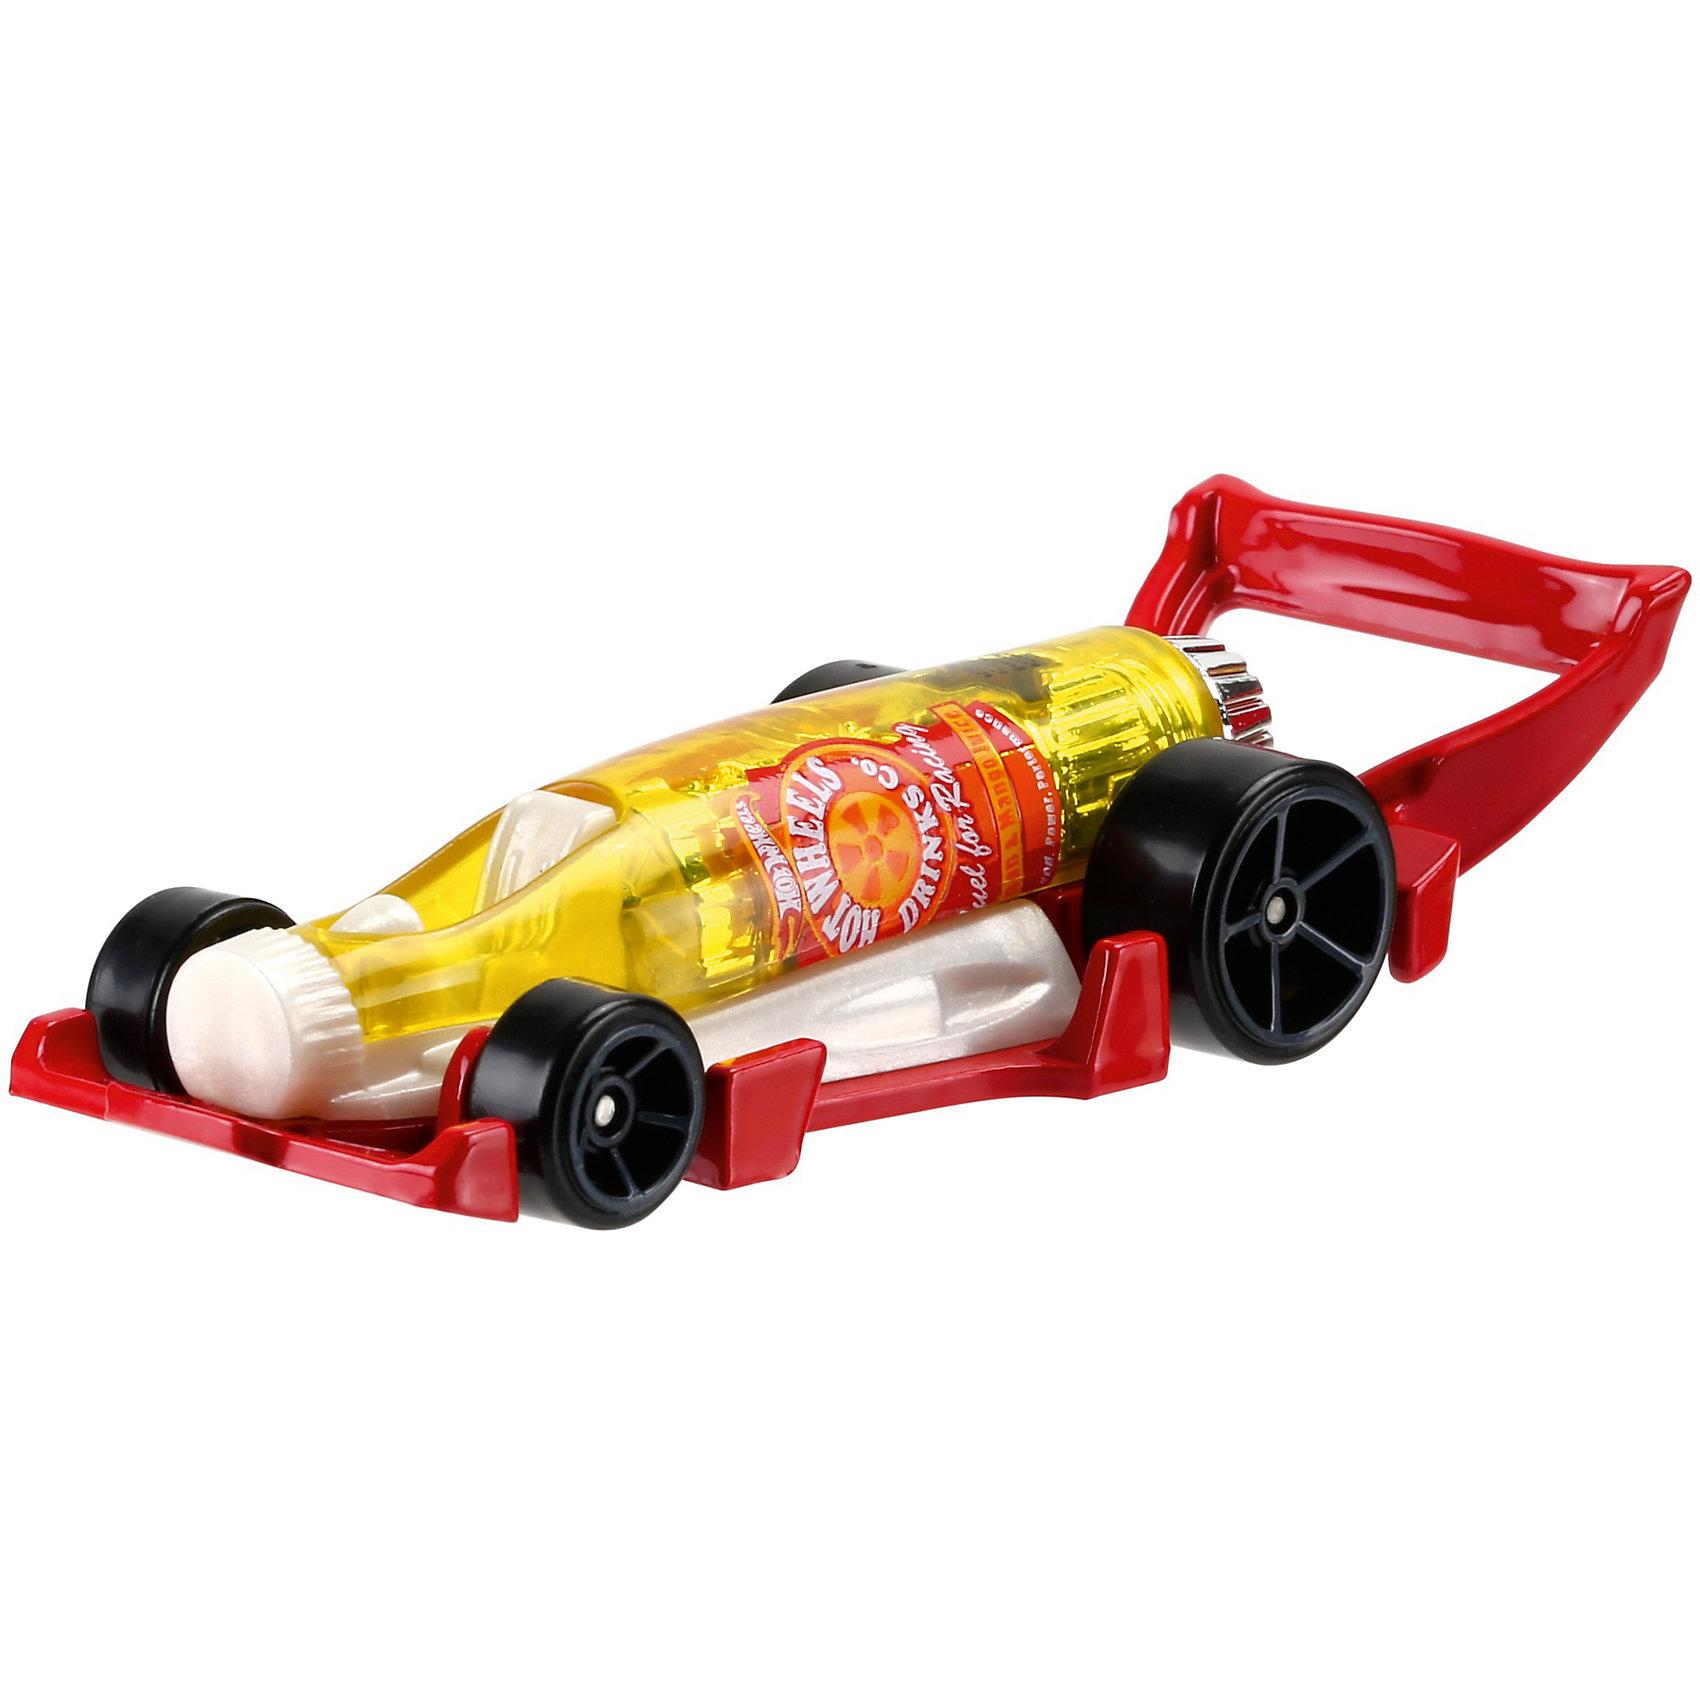 Машинка Hot Wheels из базовой коллекцииМашинка Hot Wheels из базовой коллекции – высококачественная масштабная модель машины, имеющая неординарный, радикальный дизайн. <br><br>В упаковке 1 машинка,  машинки тематически обусловлены от фантазийных, спасательных до экстремальных и просто скоростных машин. <br><br>Соберите свою коллекцию машинок Hot Wheels!<br><br>Дополнительная информация: <br><br>Машинка стандартного размера Hot Wheels<br>Размер упаковки: 11 х 10,5 х 3,5 см<br><br>Ширина мм: 110<br>Глубина мм: 45<br>Высота мм: 110<br>Вес г: 30<br>Возраст от месяцев: 36<br>Возраст до месяцев: 96<br>Пол: Мужской<br>Возраст: Детский<br>SKU: 4901755